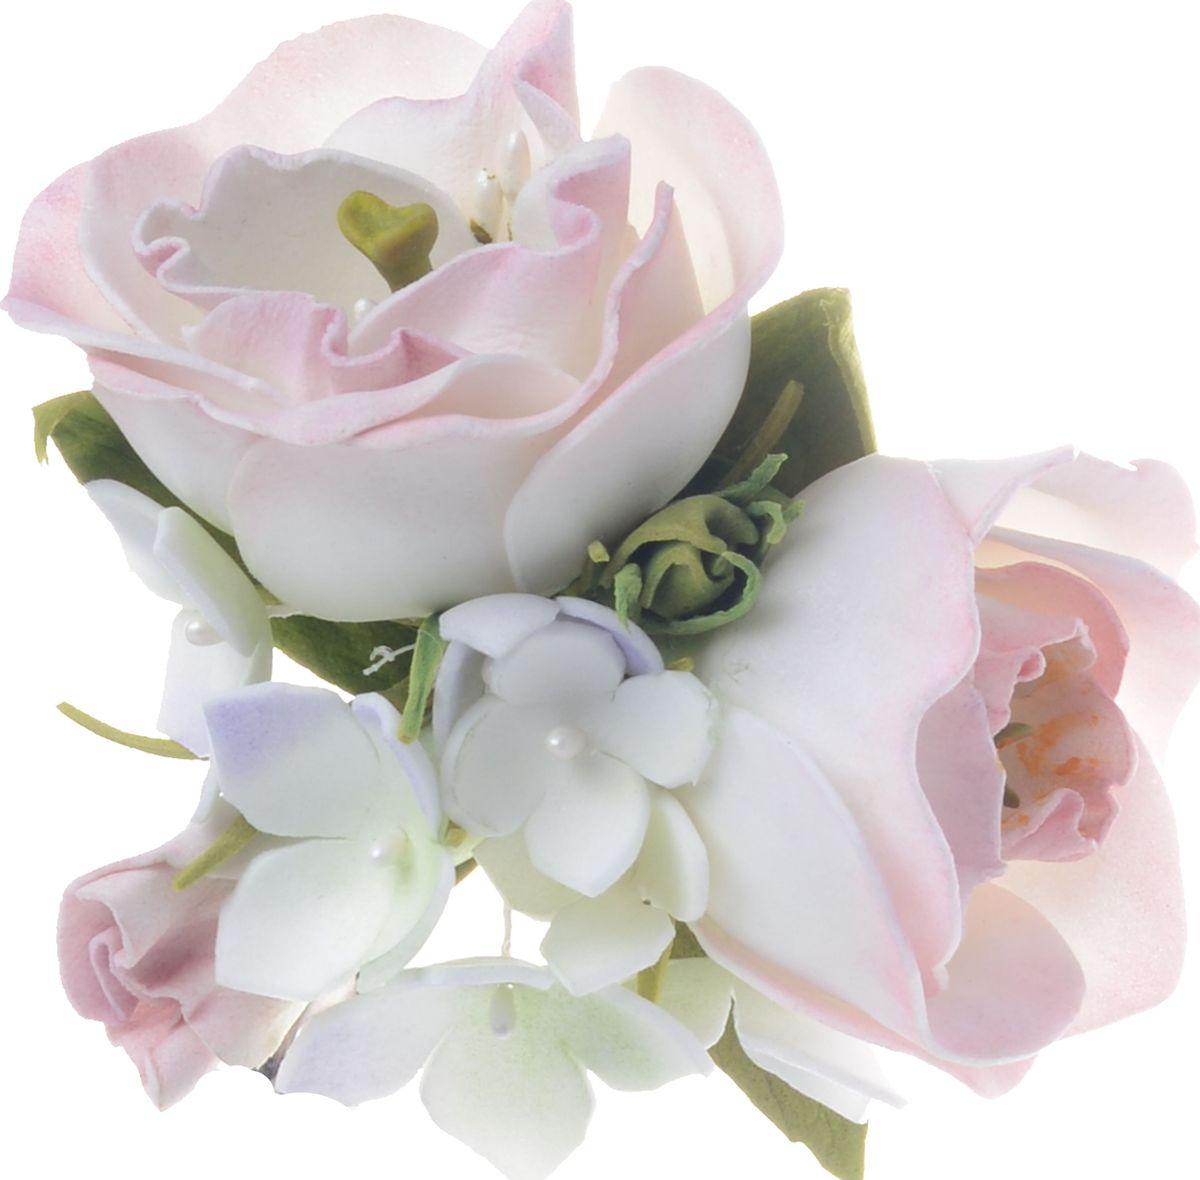 Резинка для волос Malina By Андерсен Гренни, цвет: розовый. 11712рб1011712рб10Резинка для волос Malina By Андерсен Гренни украшена объемными цветами из полимера нежно-розового цвета.Такая резинка для волос универсальна, она подойдет ко всем цветам волос и дополнит любой стильный образ.Коллекции аксессуаров Malina by Андерсен создаются российскими дизайнерами и являются изделиями ручной работы.